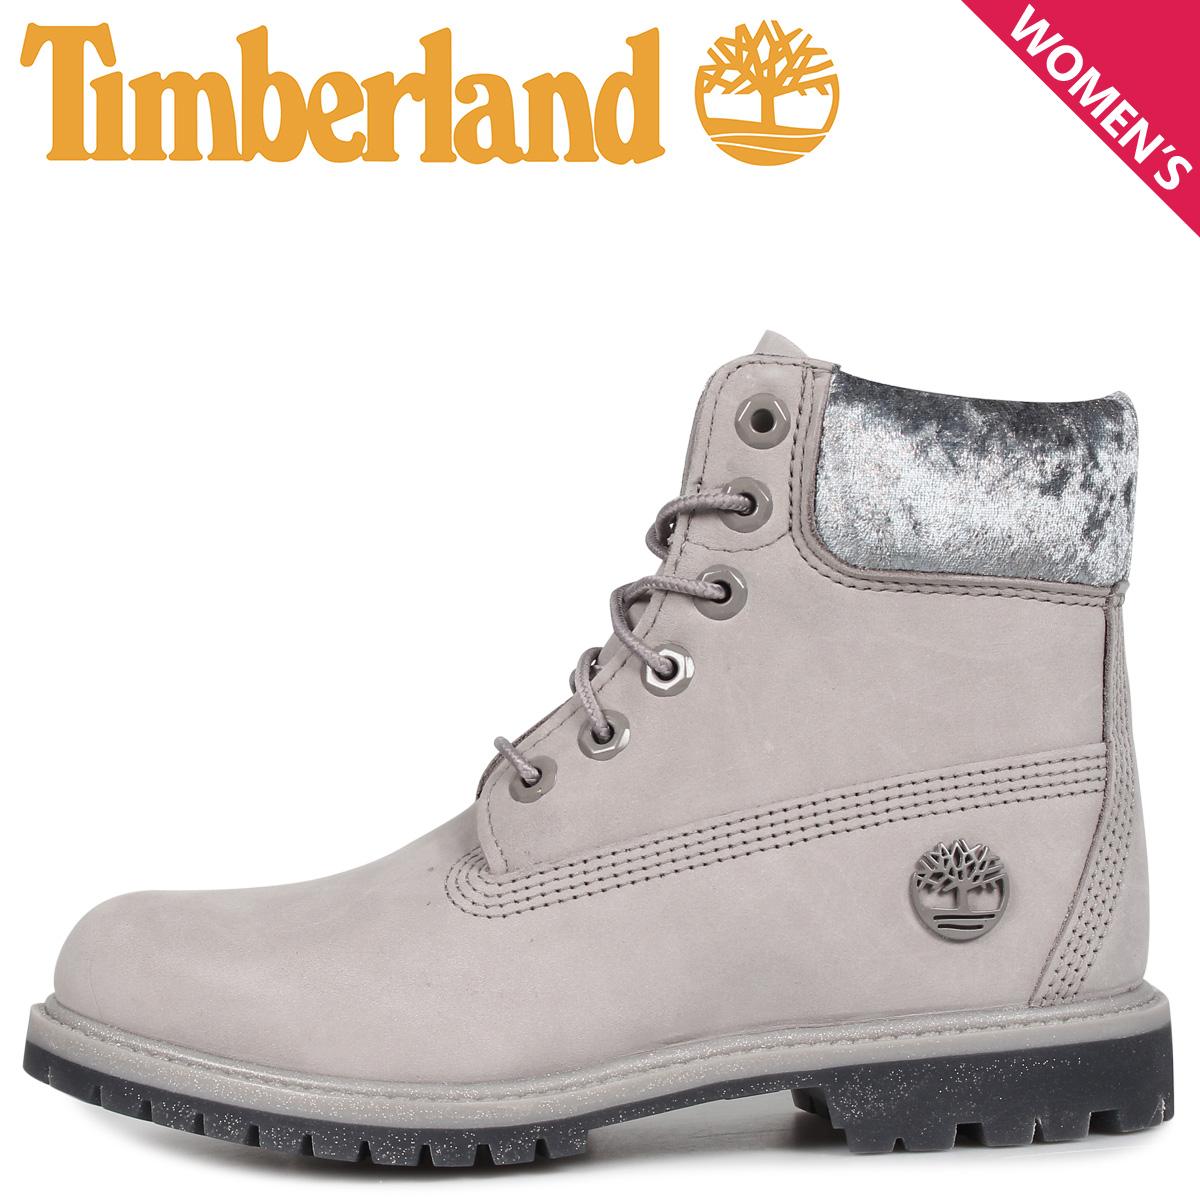 Timberland ティンバーランド ブーツ 6インチ ウォータープルーフ レディース WOMENS ICON 6INCH F/L WATERPROOF BOOTS グレー A231F